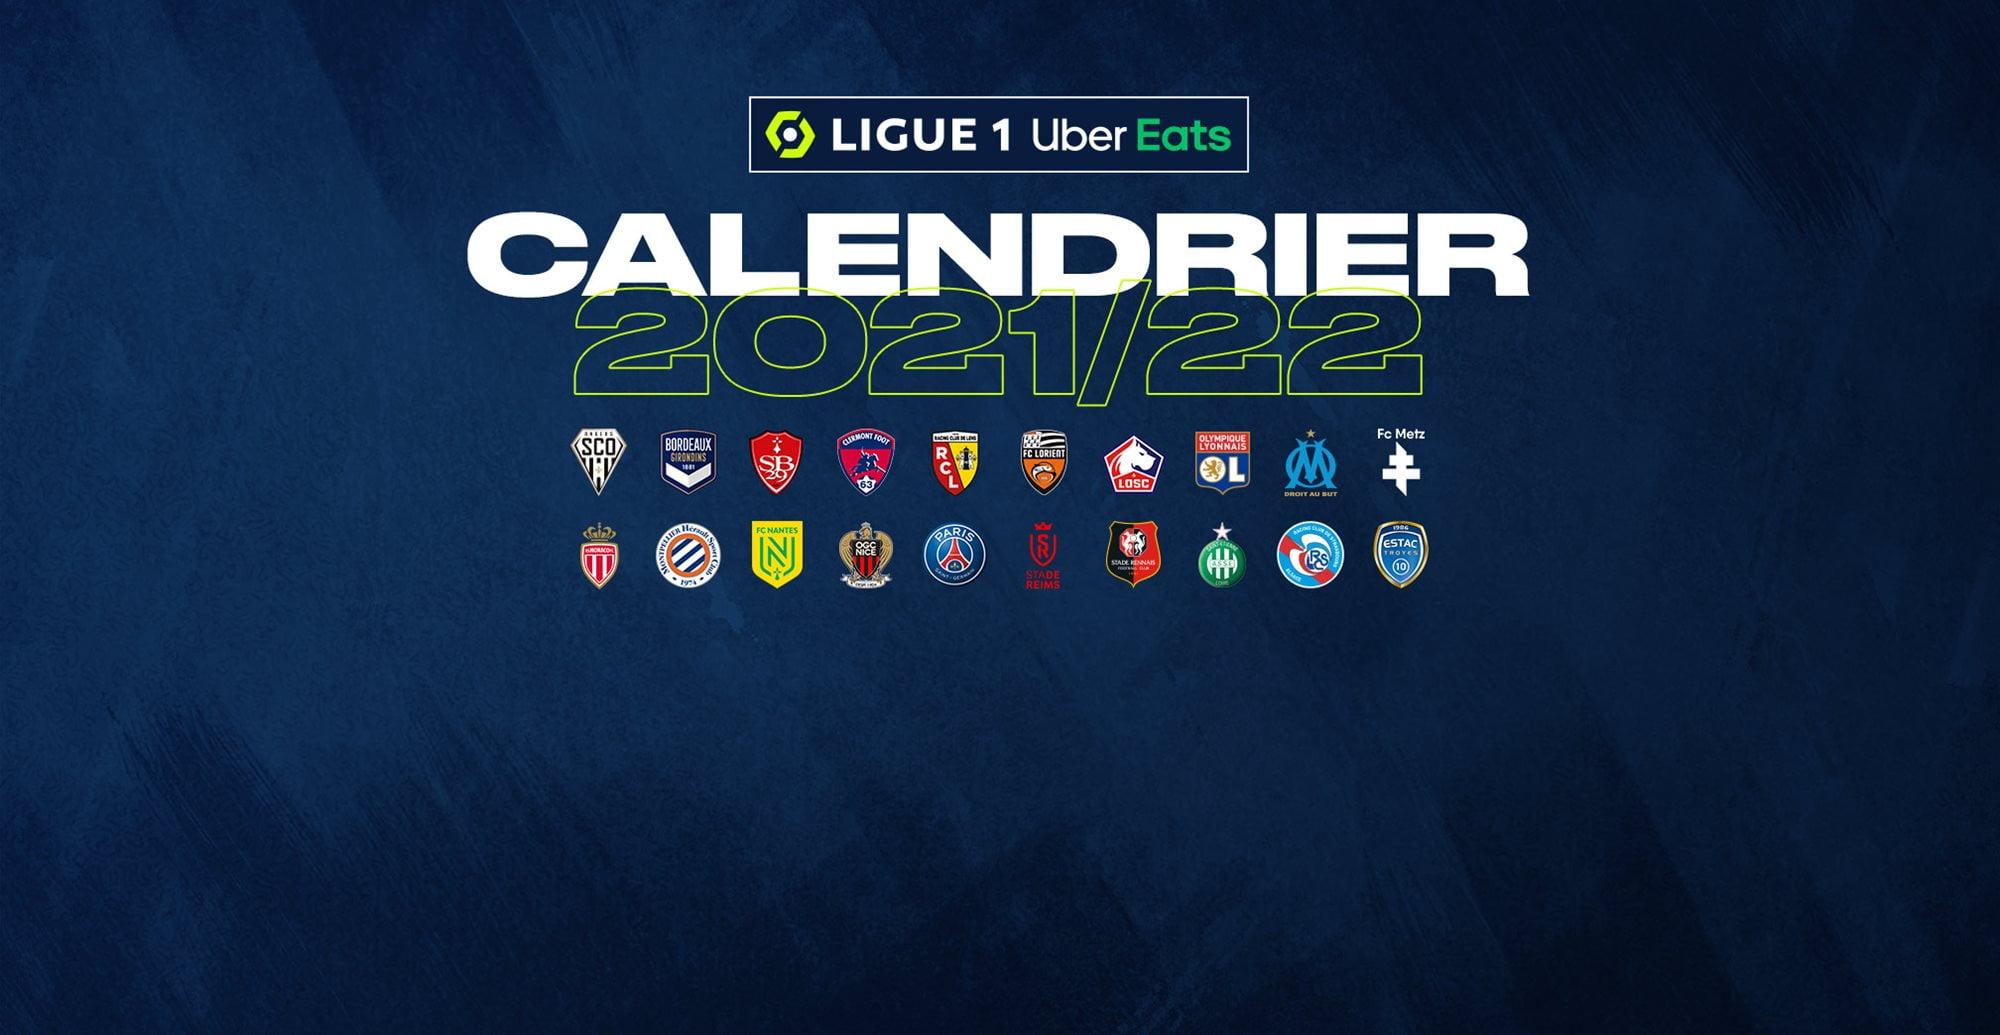 Ligue 1 2022 Calendrier Ligue 1 Uber Eats : le calendrier de la saison 2021/2022